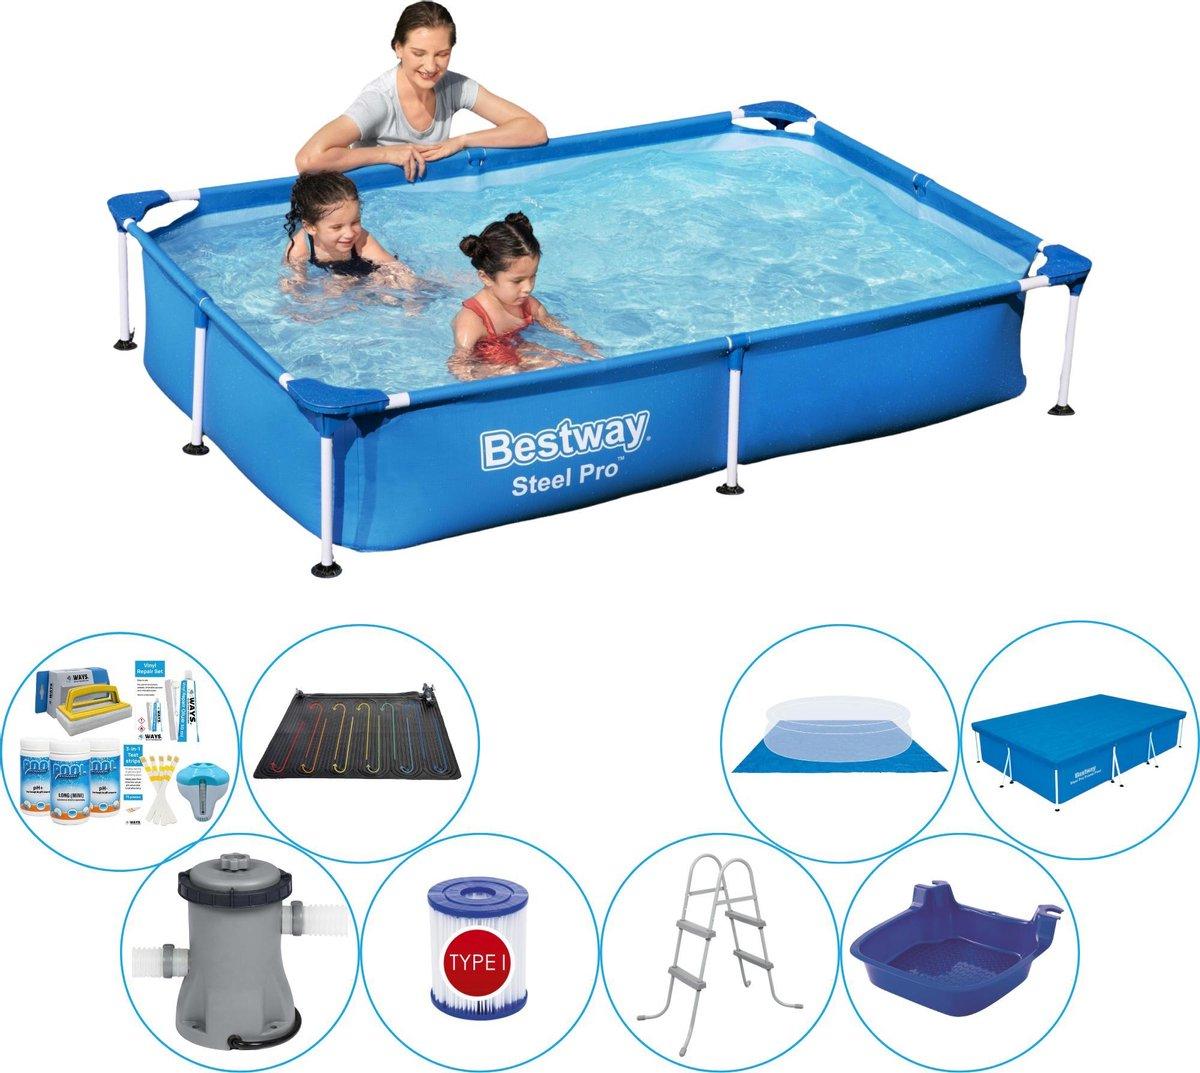 Bestway zwembad set - rechthoekig - Steel Pro - 220 x 150 x 43 cm - 1200 liter